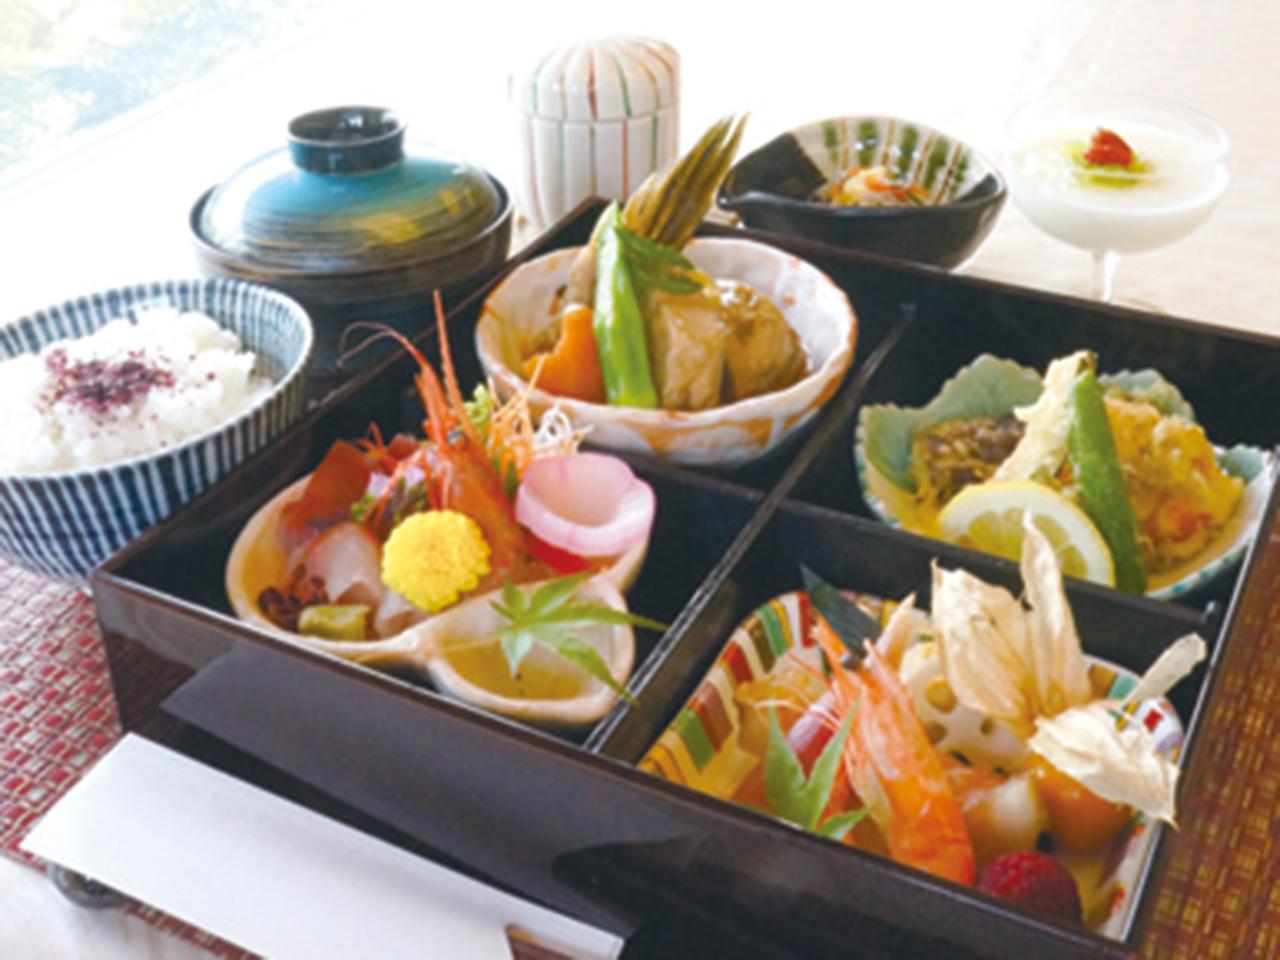 ランチの「松華堂弁当」(各1,600円・税込1,728円)は季節の刺身、天ぷら、煮物、茶碗蒸しなどがつく。8月末まで10%OFF+コーヒー付き。 ※他券・他サービス併用不可